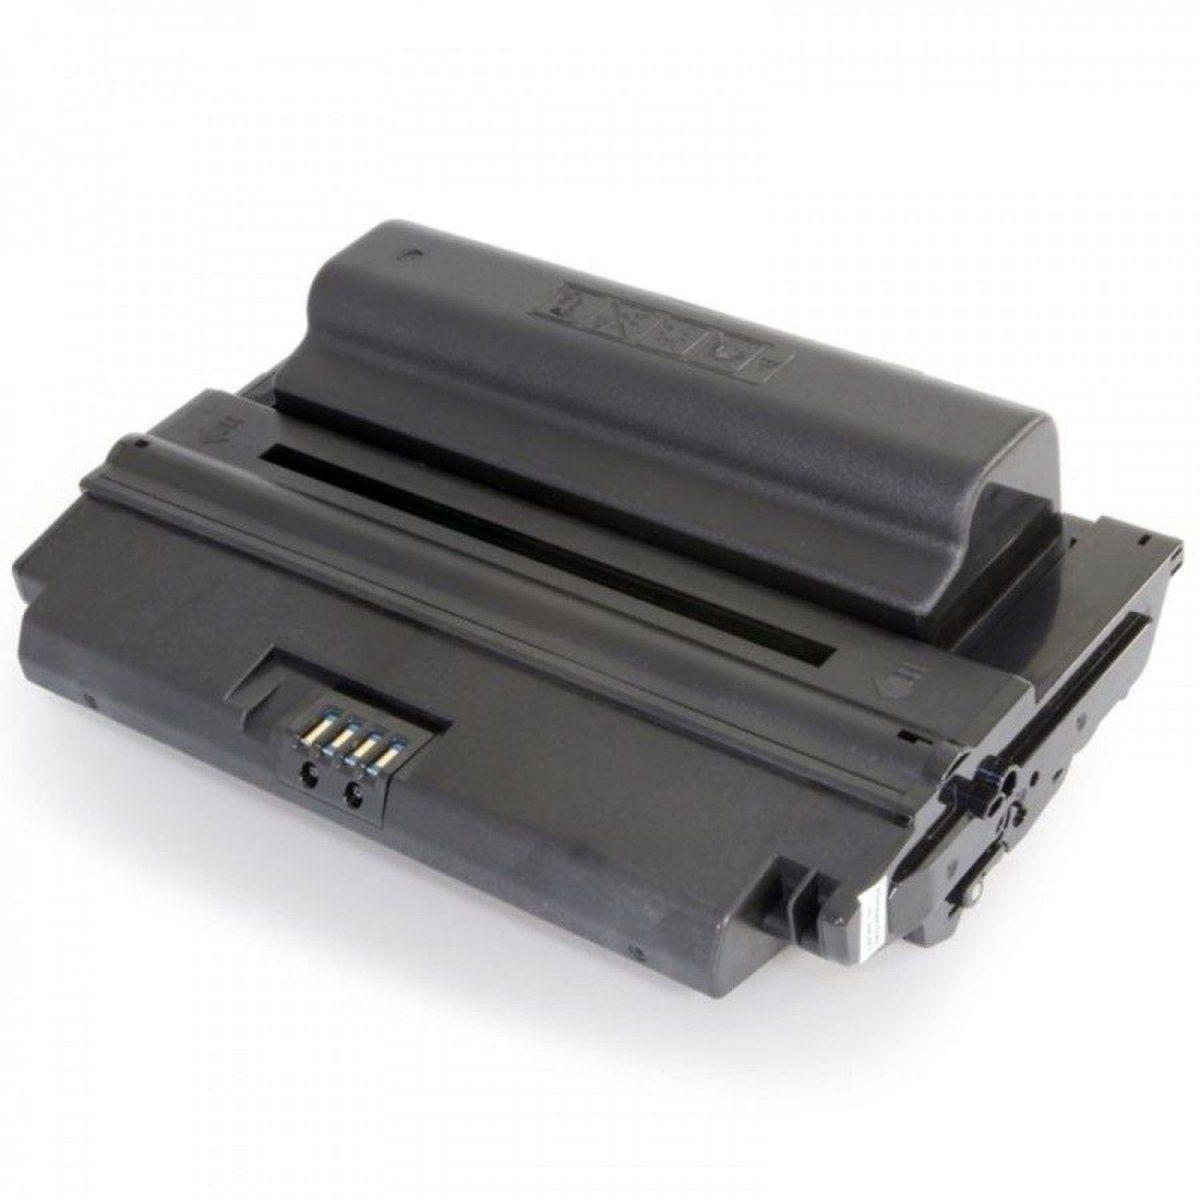 Toner compatível  SAMSUNG SCX-D5530B SCX5530FN SCX5530 SCX5530N - 8.000 Páginas - Cartucho & Cia